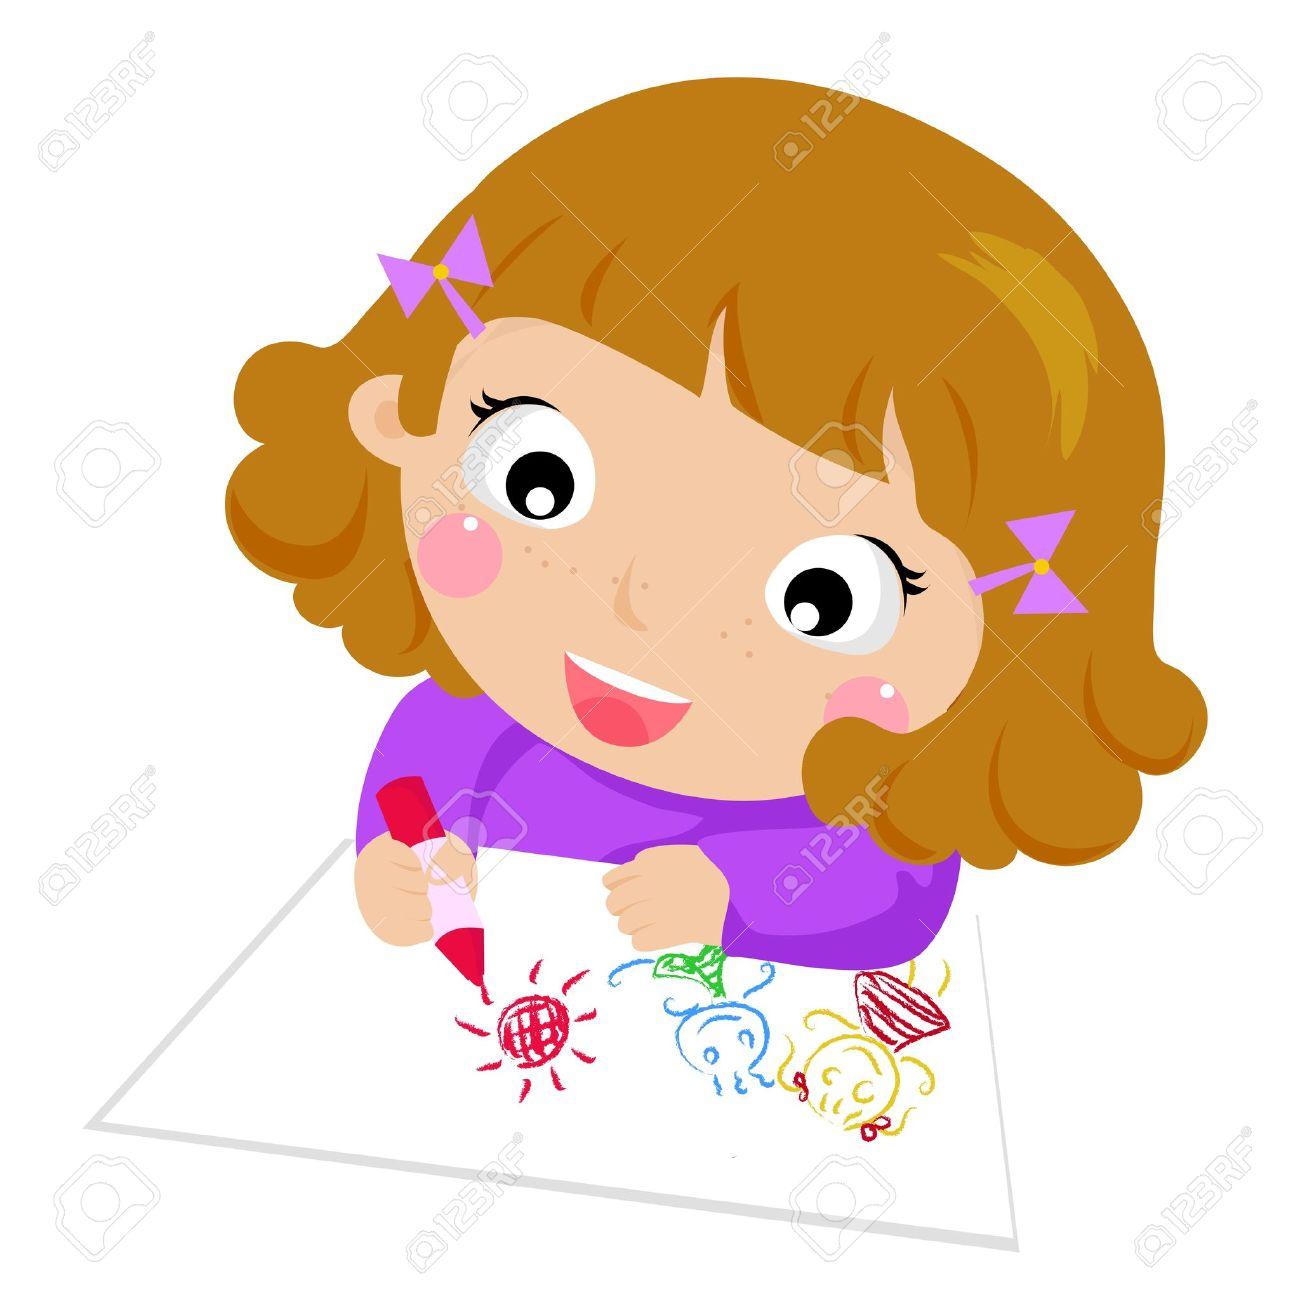 clipart cartoon drawings - Kid Cartoon Drawing